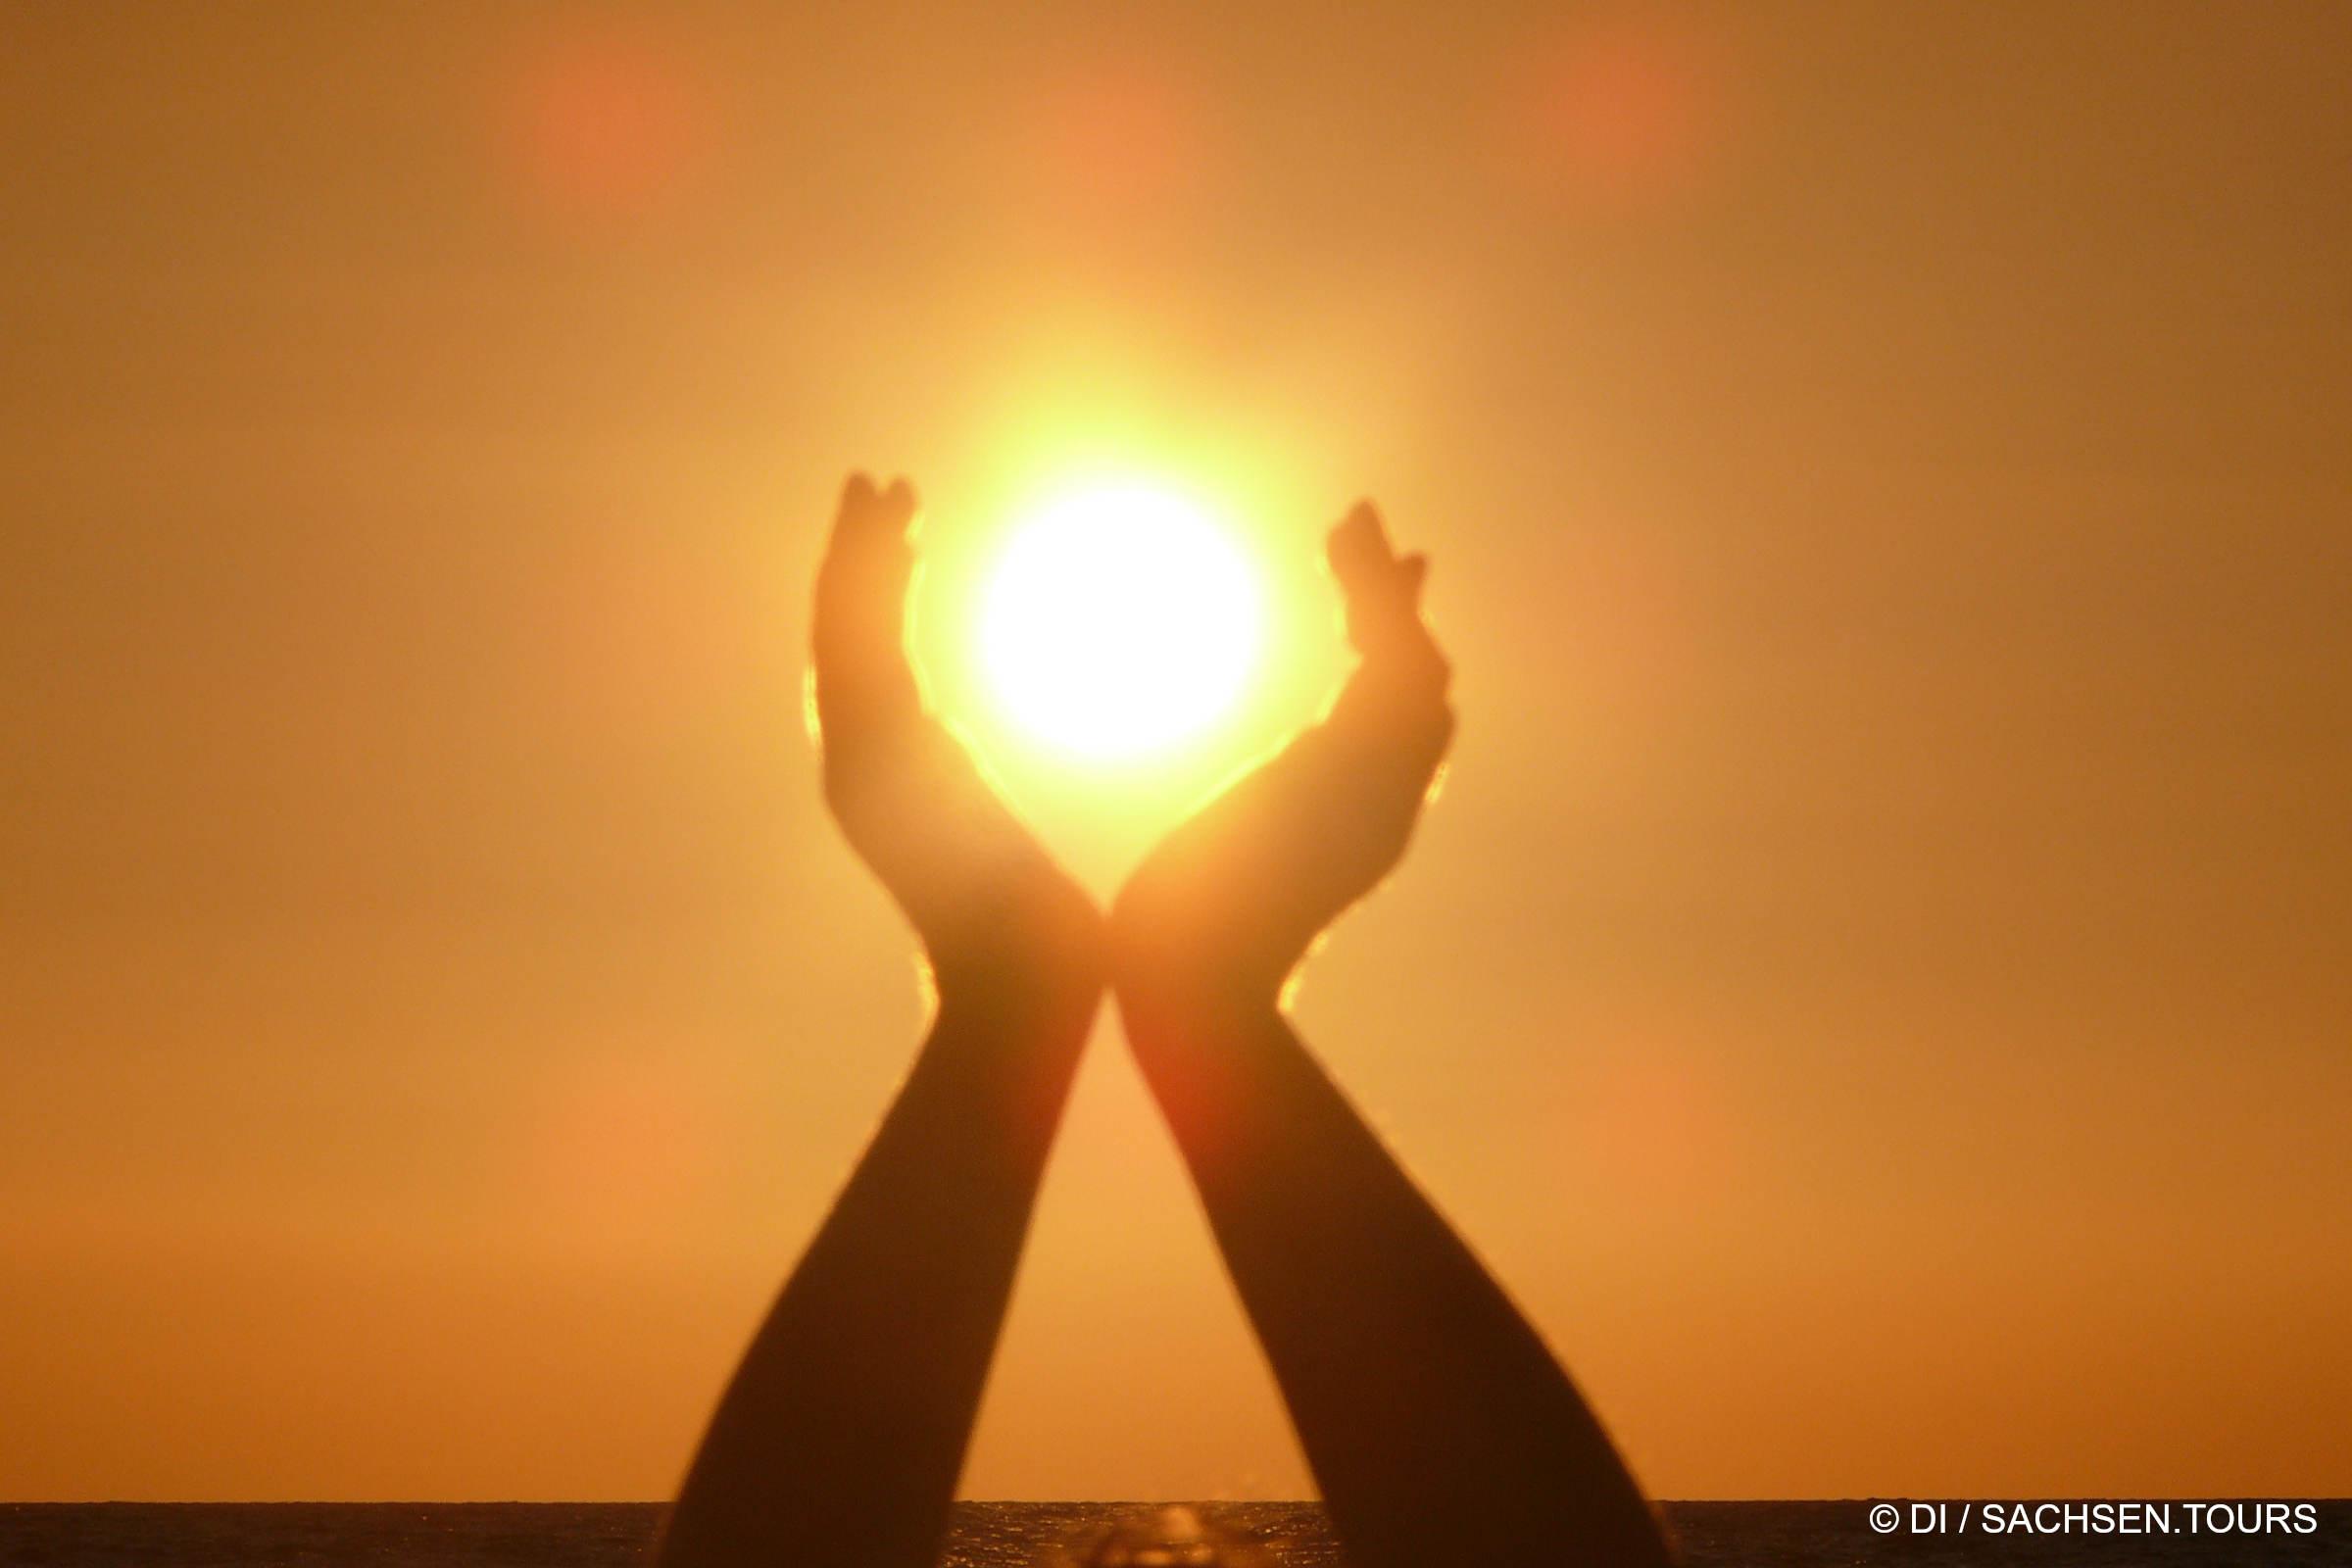 Sommer - Sonne